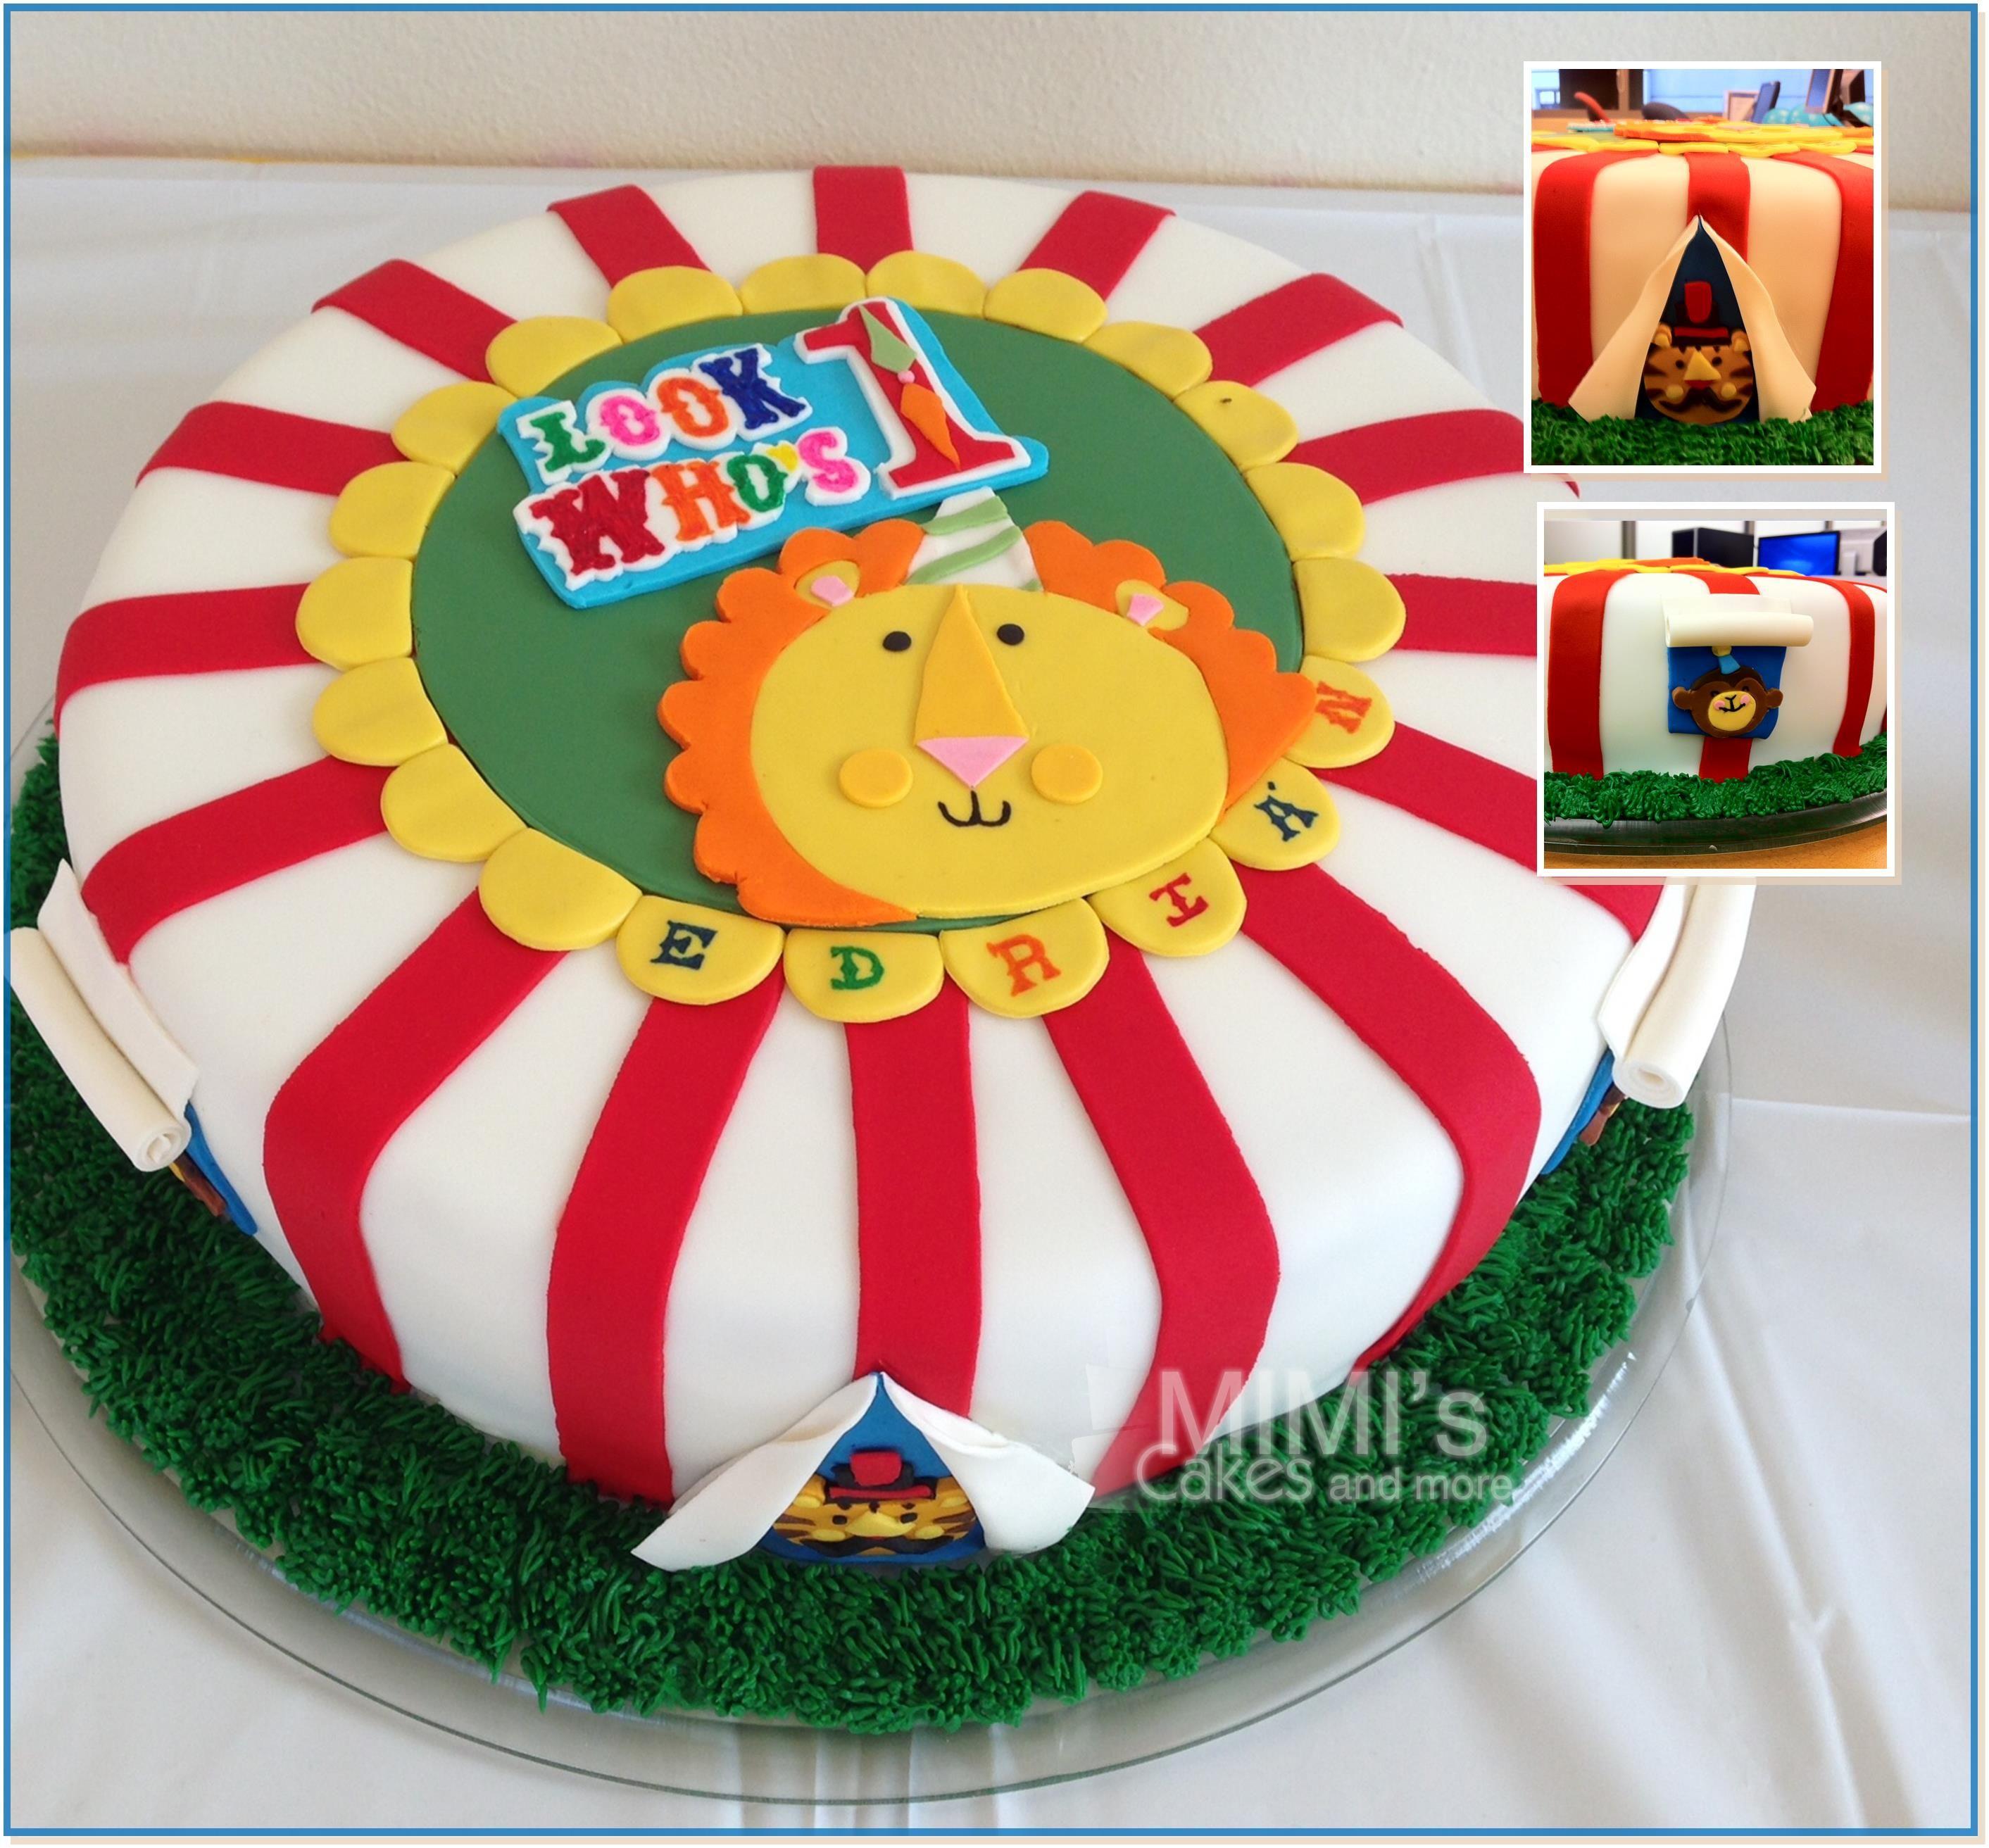 Terrific Fisher Price 1 Birthday Cake With Images Circus Birthday Cake Personalised Birthday Cards Beptaeletsinfo